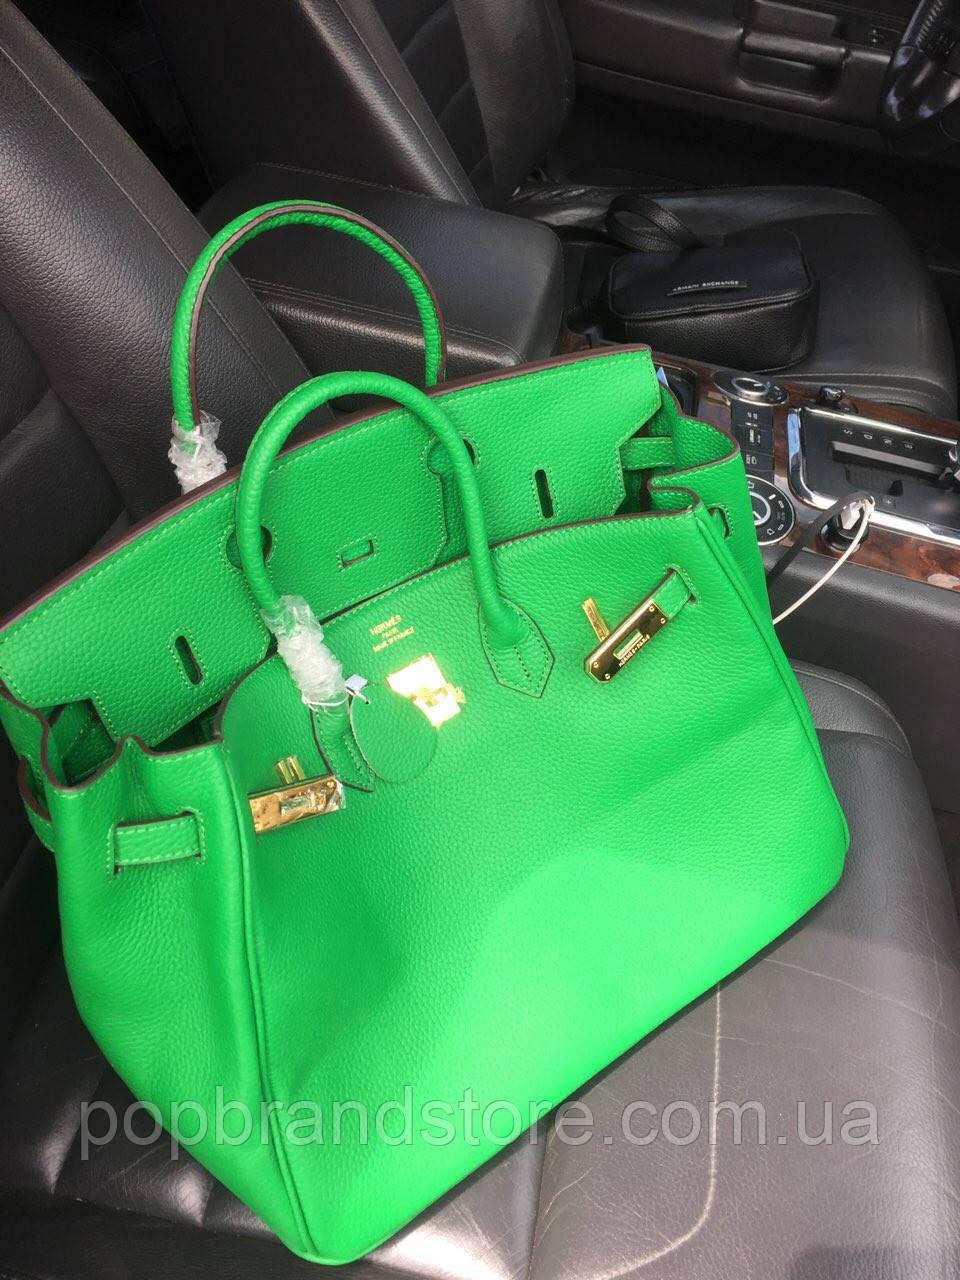 901f212cd986 Роскошная женская сумка Гермес Келли 35 см зеленая (реплика ...